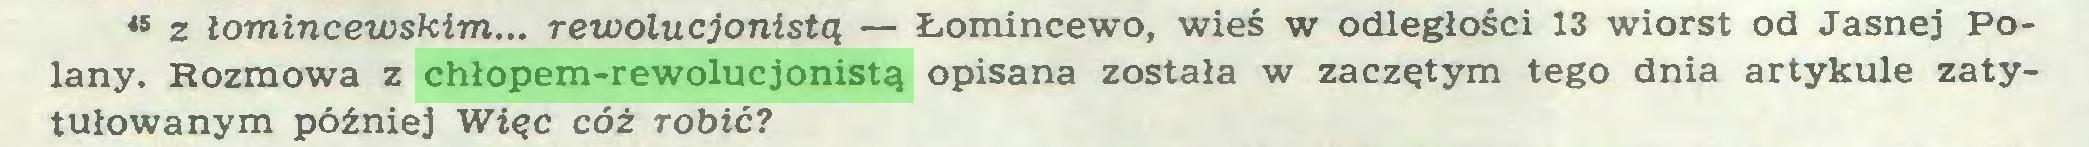 (...) 45 z łomincewskim... rewolucjonistą — Łomincewo, wieś w odległości 13 wiorst od Jasnej Polany. Rozmowa z chłopem-rewolucjonistą opisana została w zaczętym tego dnia artykule zatytułowanym później Więc cóż robić?...